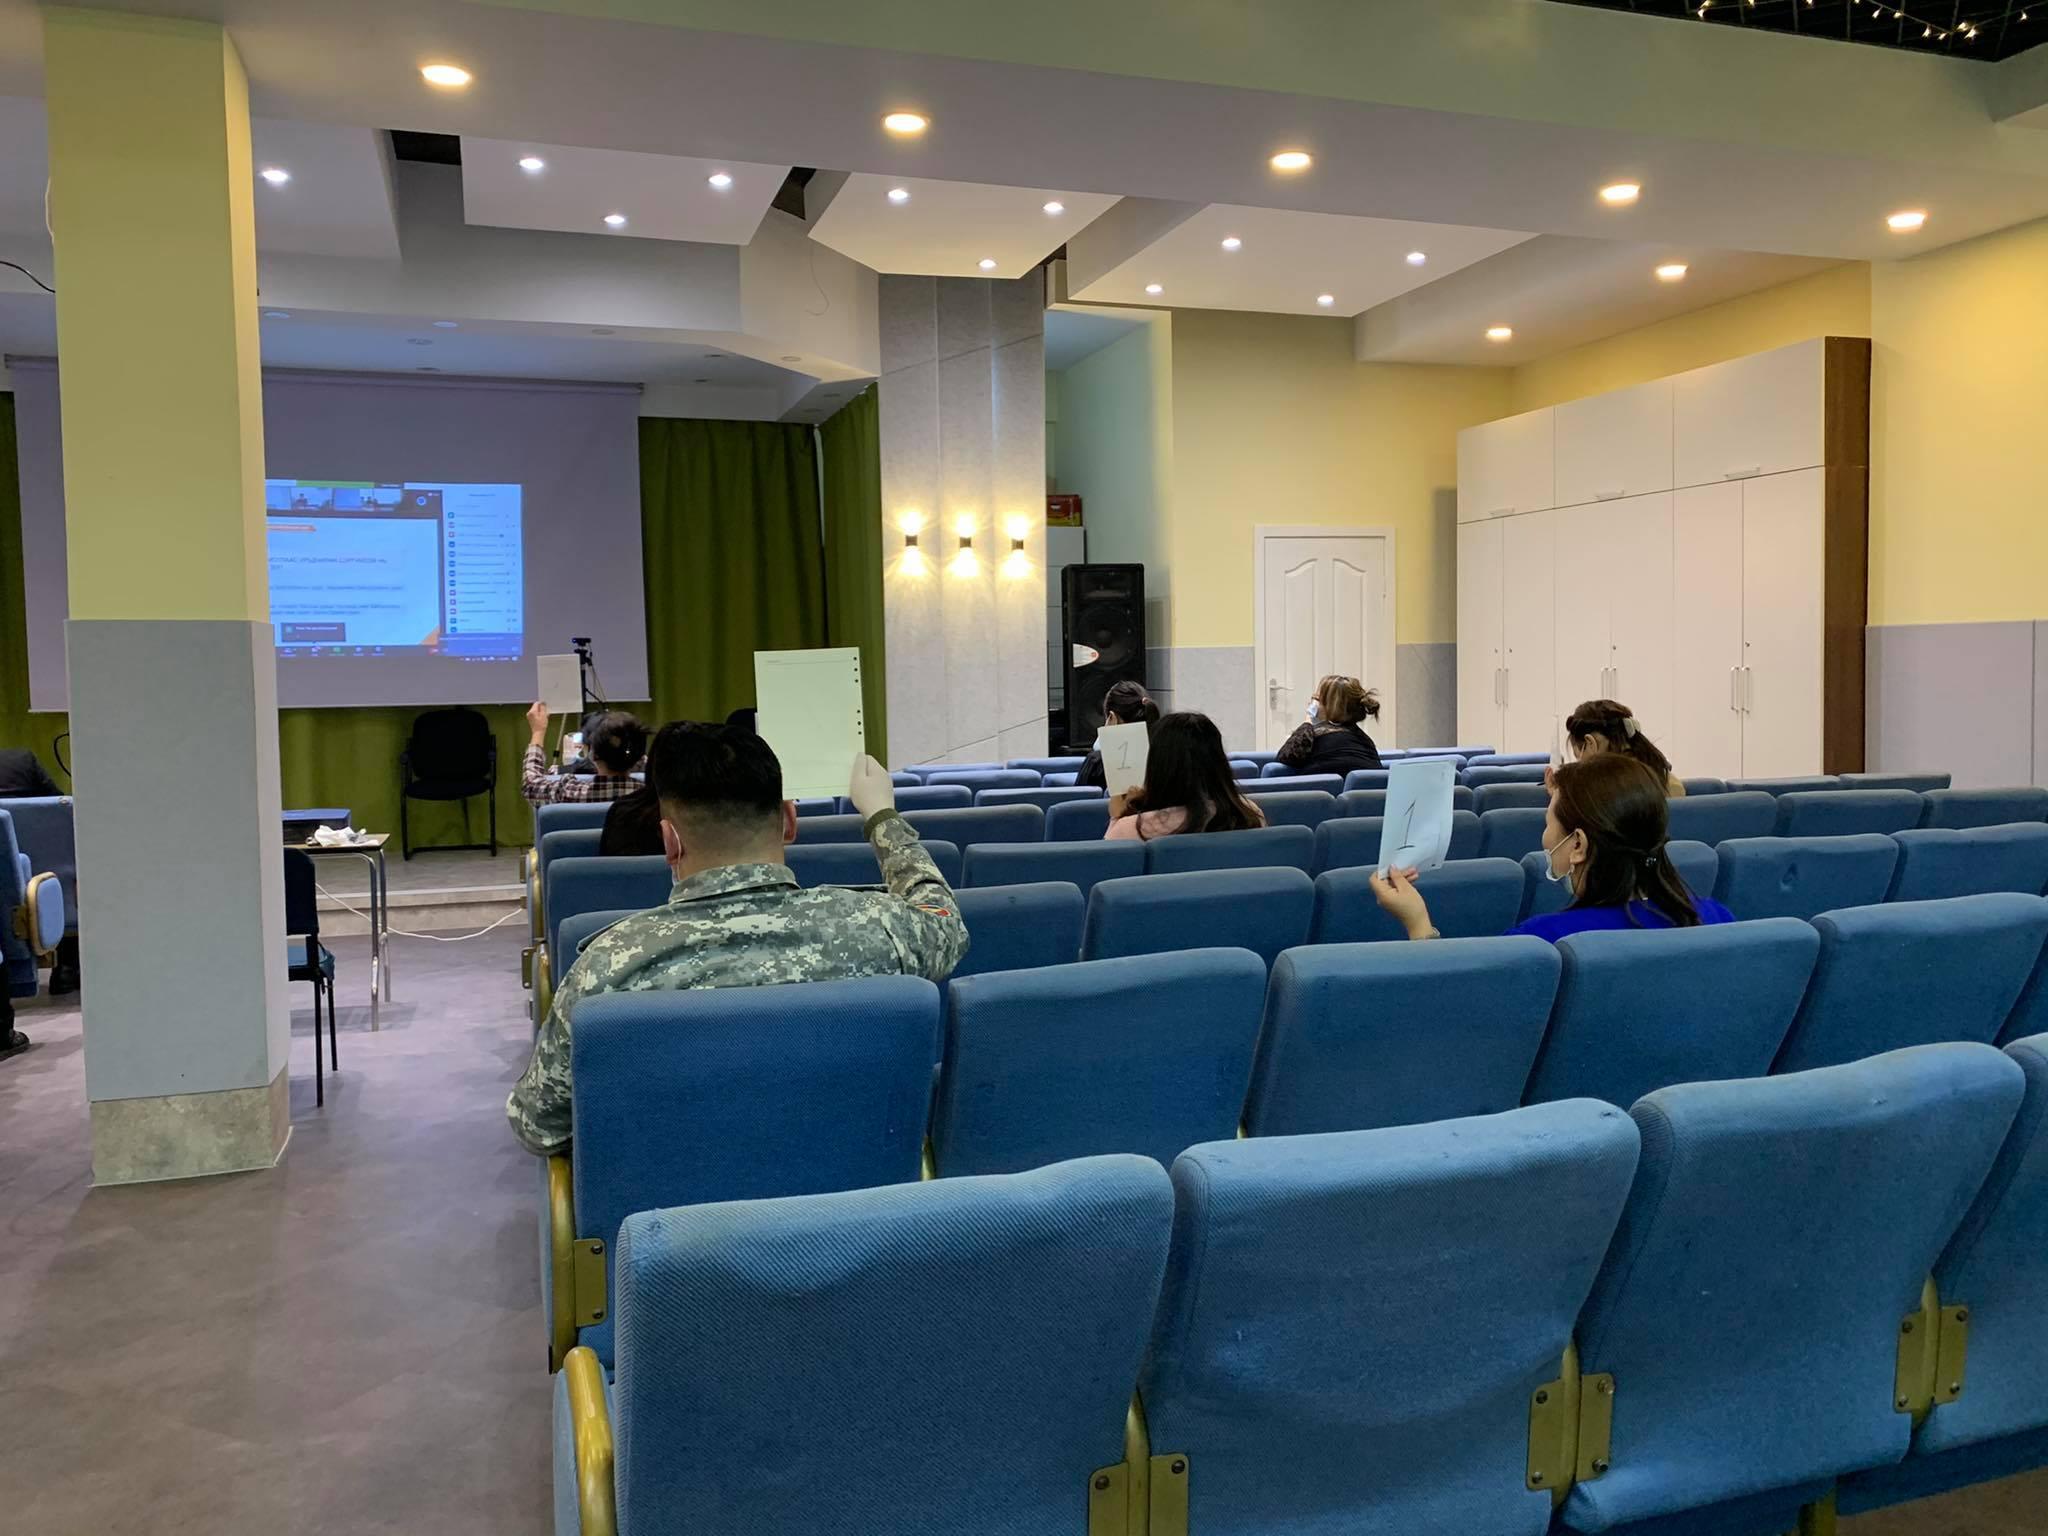 Байгууллагын гамшгийн менежментийн чадавхыг үнэлэх үнэлгээний аргачлалаар чиглүүлэгч бэлтгэх үнэлгээ хийх цахим сургалт